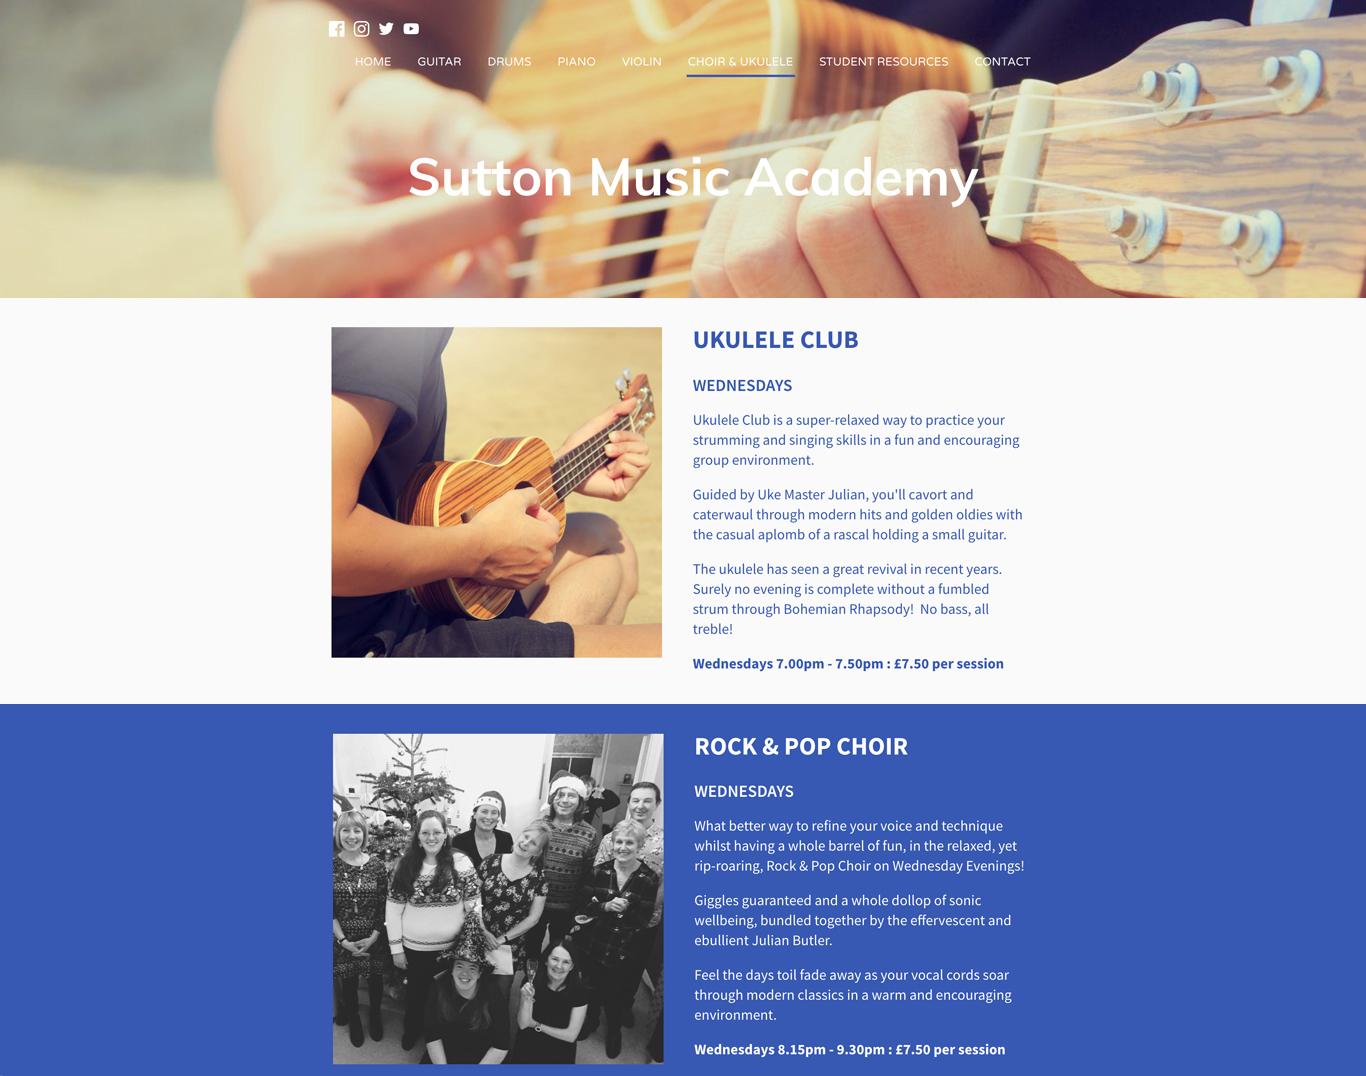 Music school website example